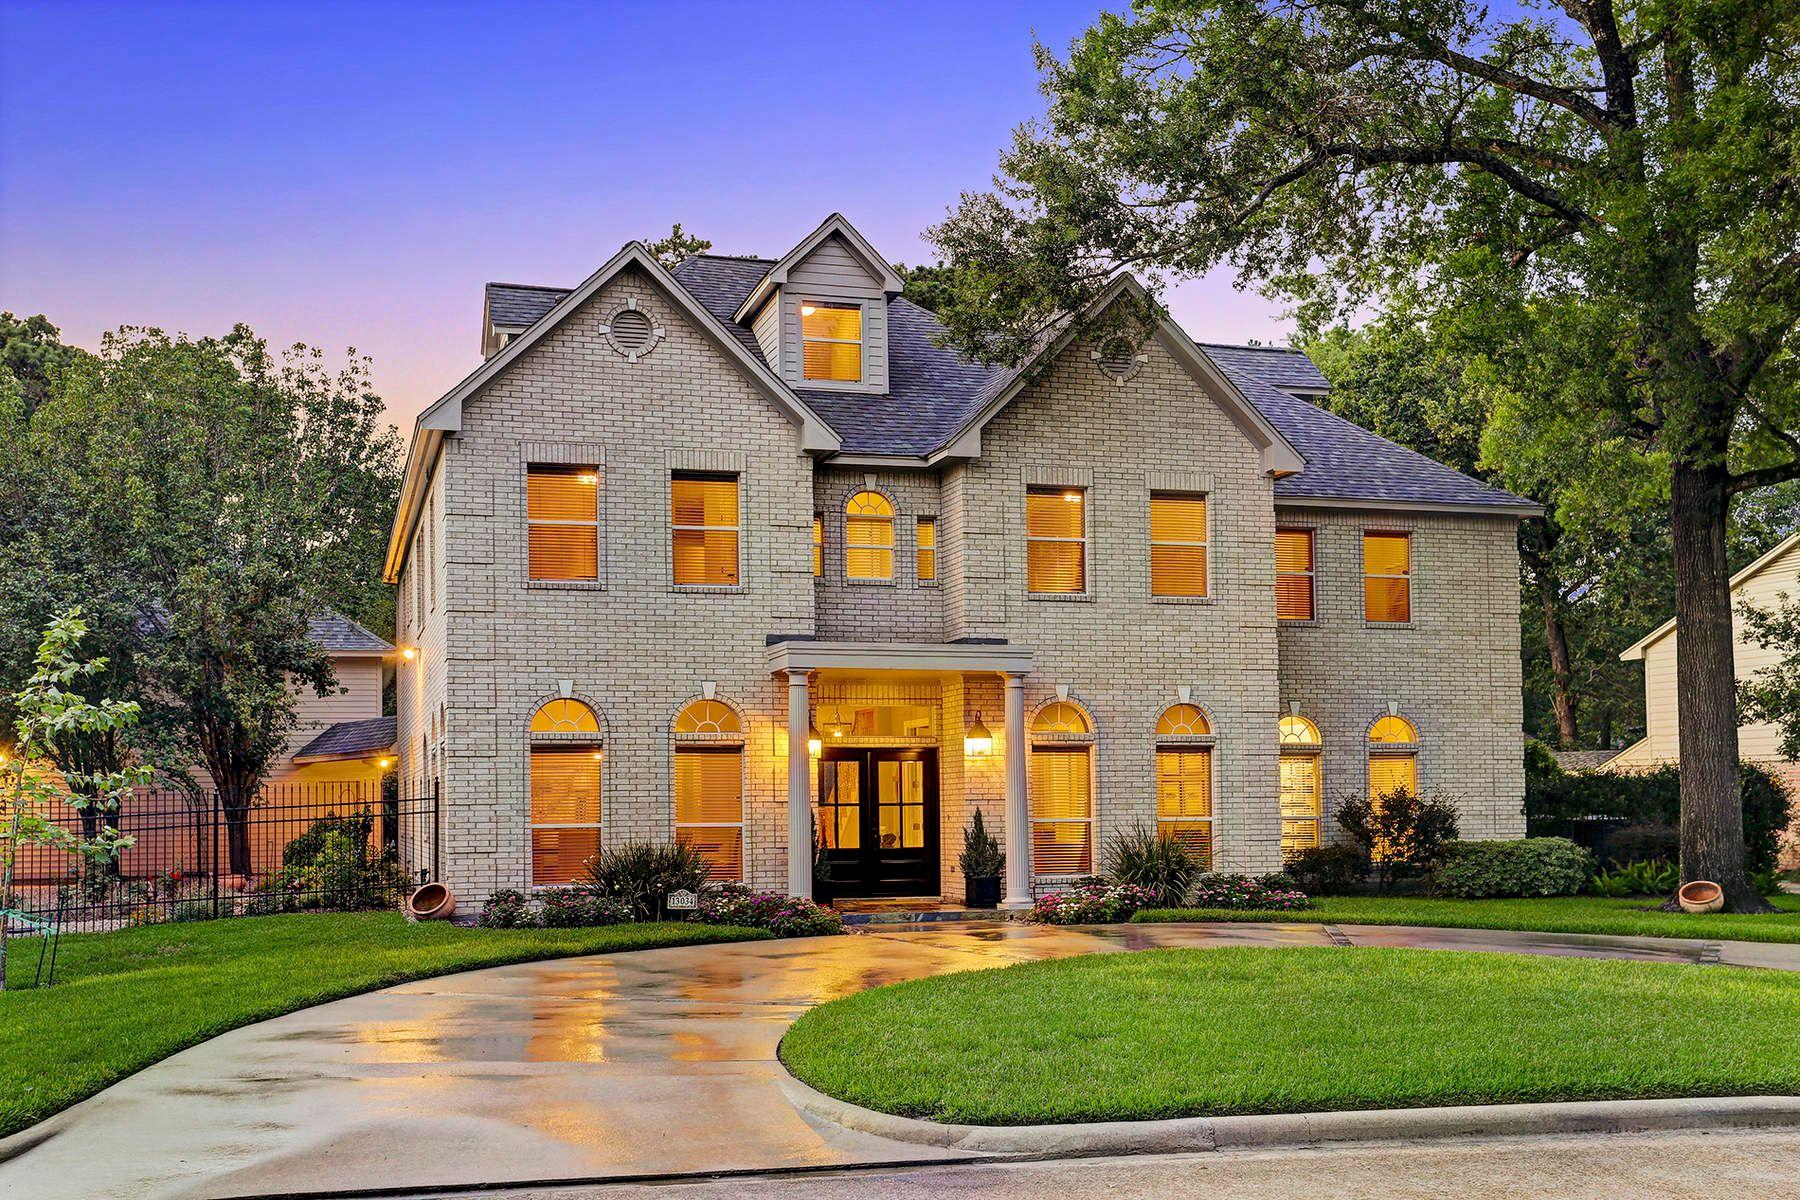 独户住宅 为 销售 在 13034 Conifer Road Memorial, 休斯顿, 得克萨斯州, 77079 美国